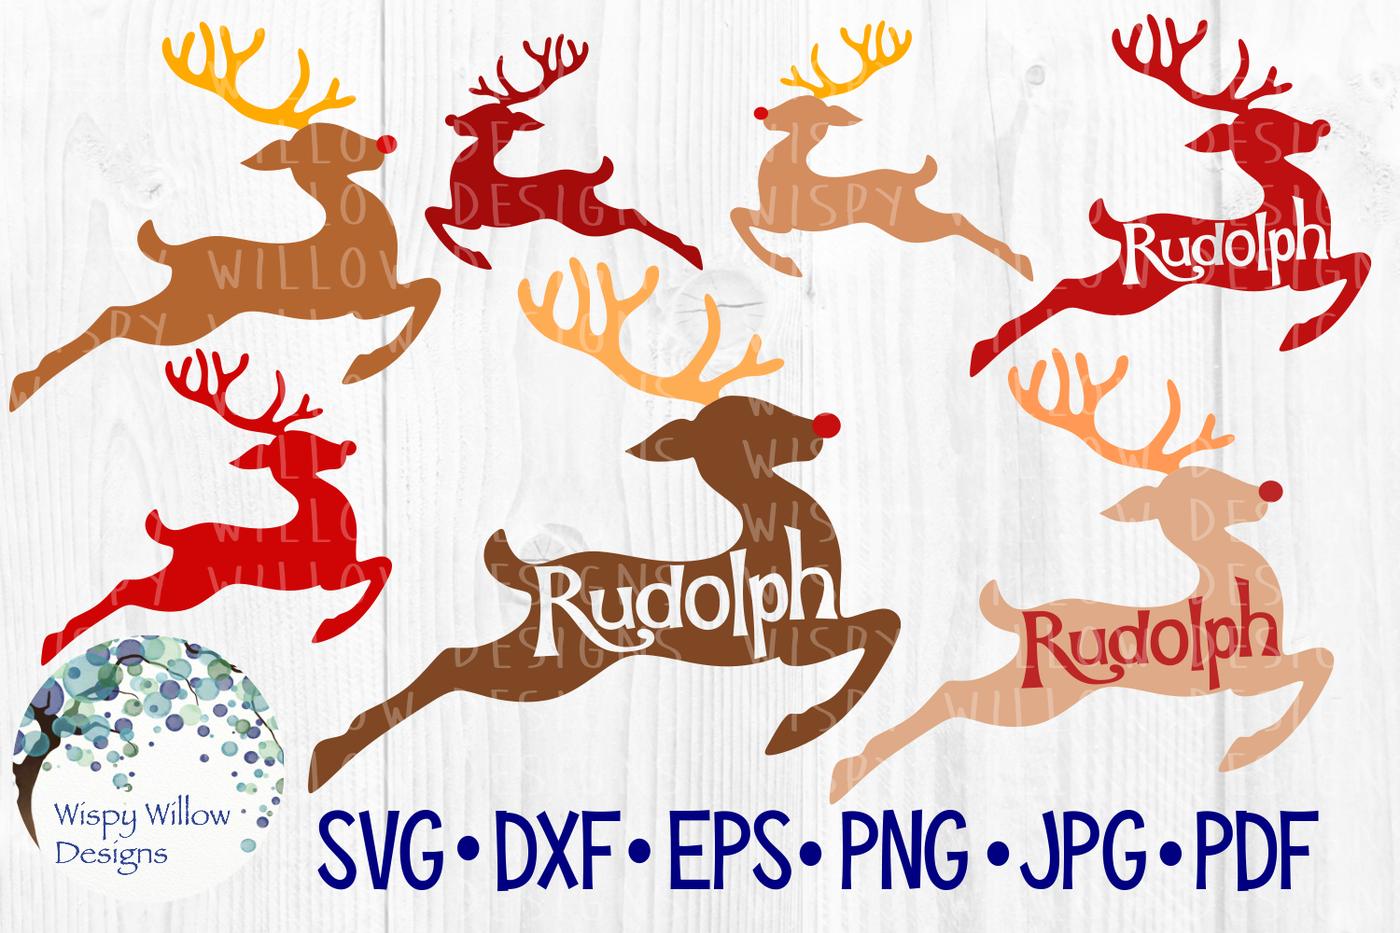 Rudolph Reindeer Christmas Bundle Svg Dxf Eps Png Jpg Pdf By Wispy